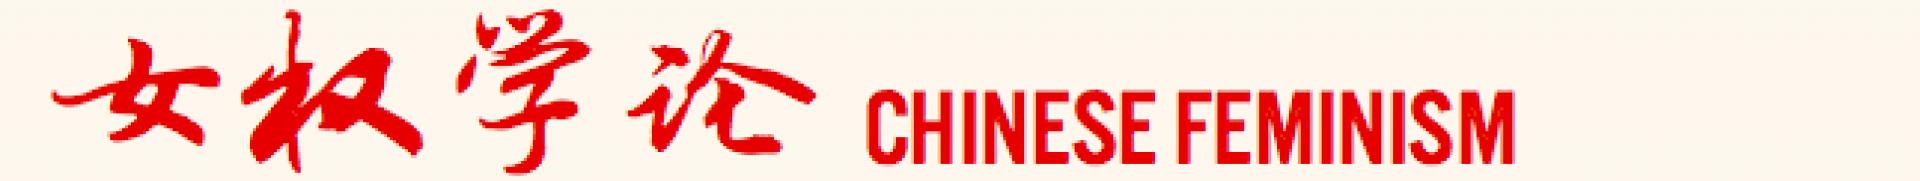 中国 女权 研究 评论